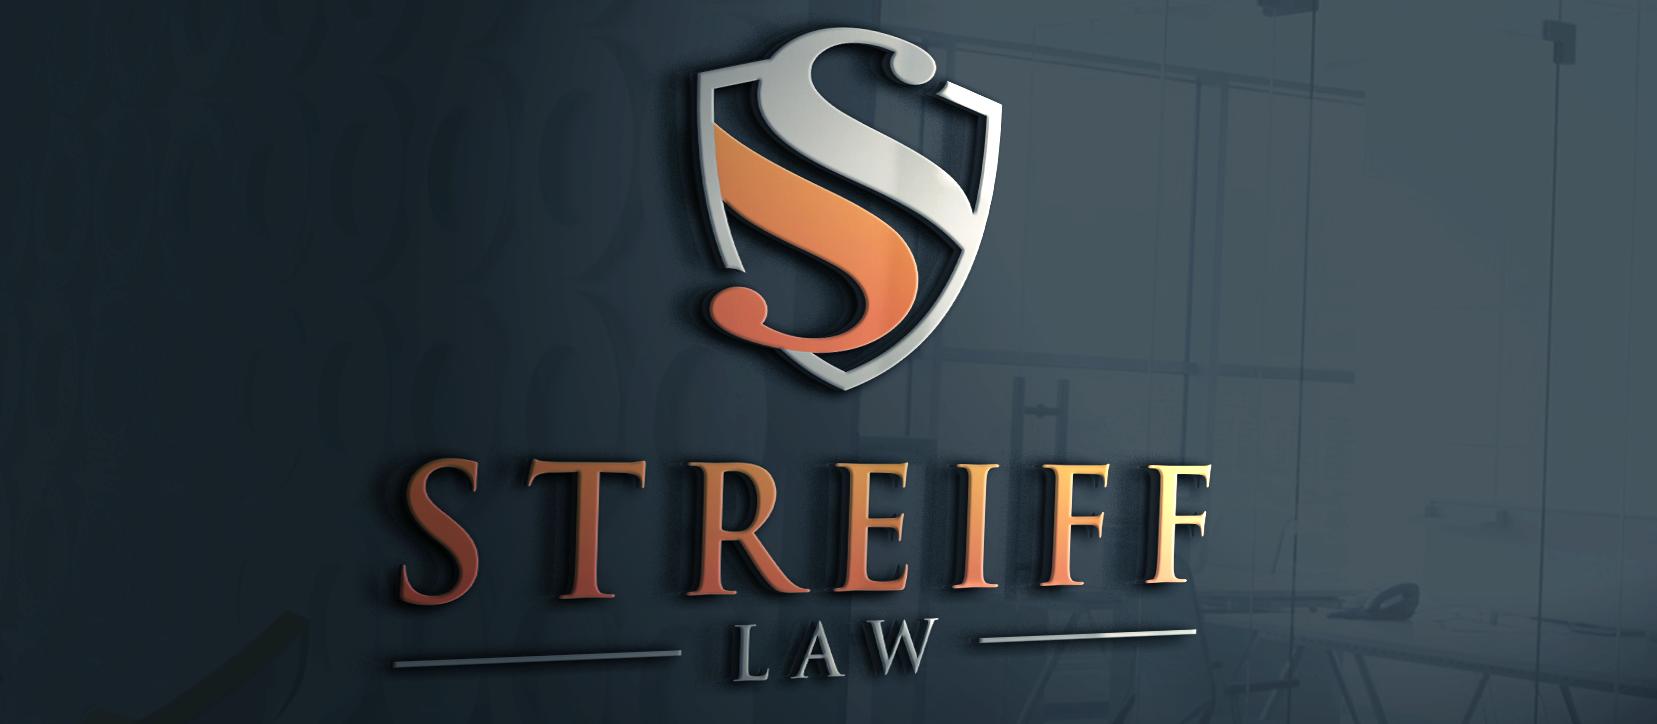 Streiff Law Wirtschaftsrecht für Sie aus Berlin - Streiff Law